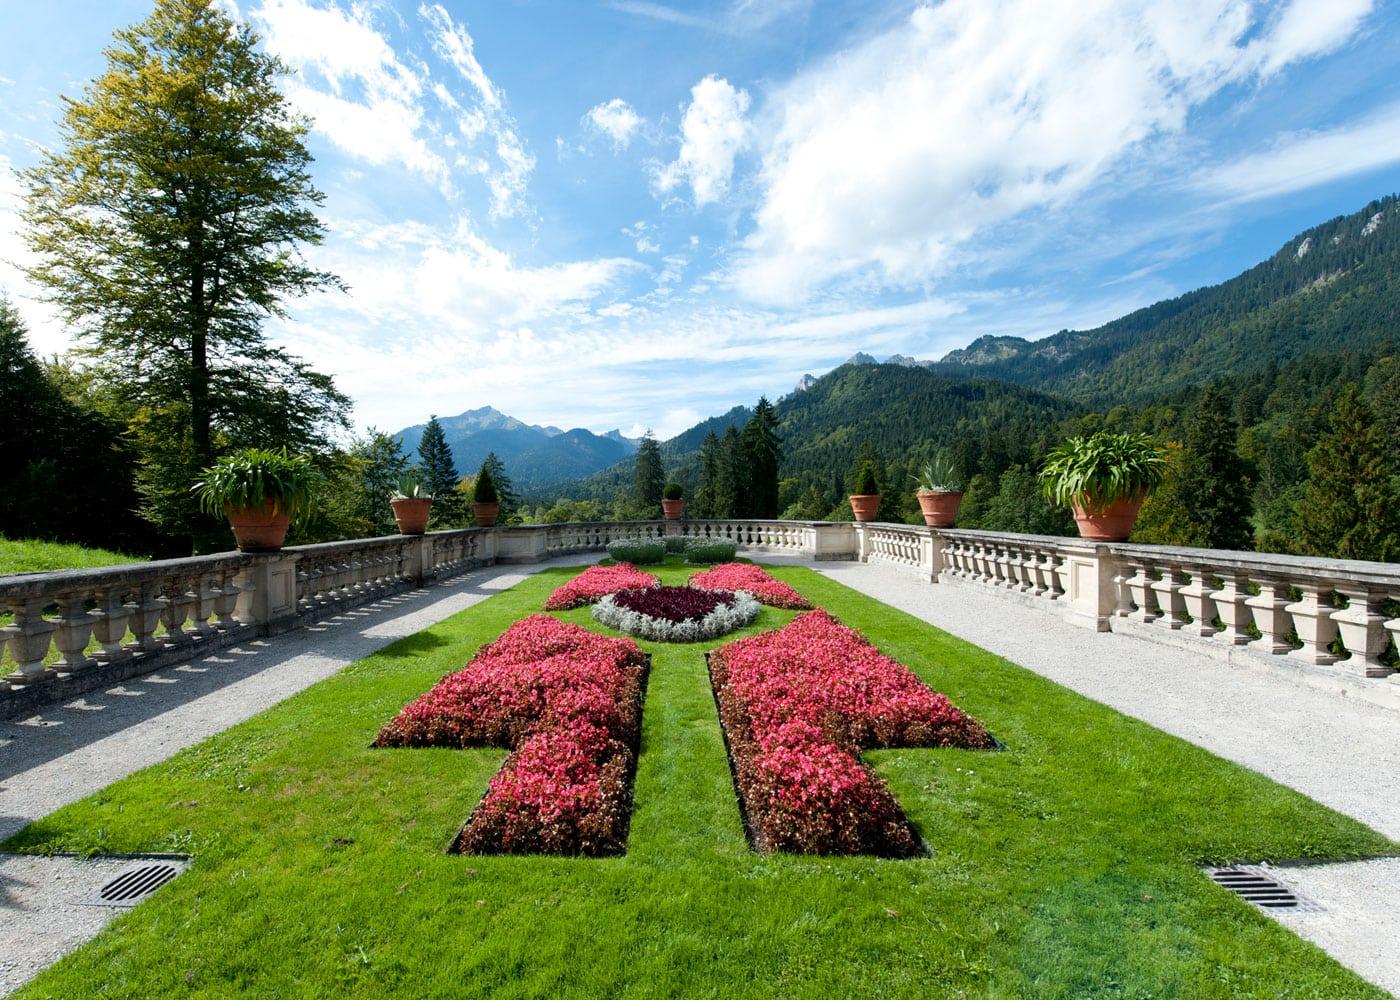 Aktiv am Wochenende – Ausflugsziele für Familien: Schloss Linderhof – prächtige Parkanlage // HIMBEER